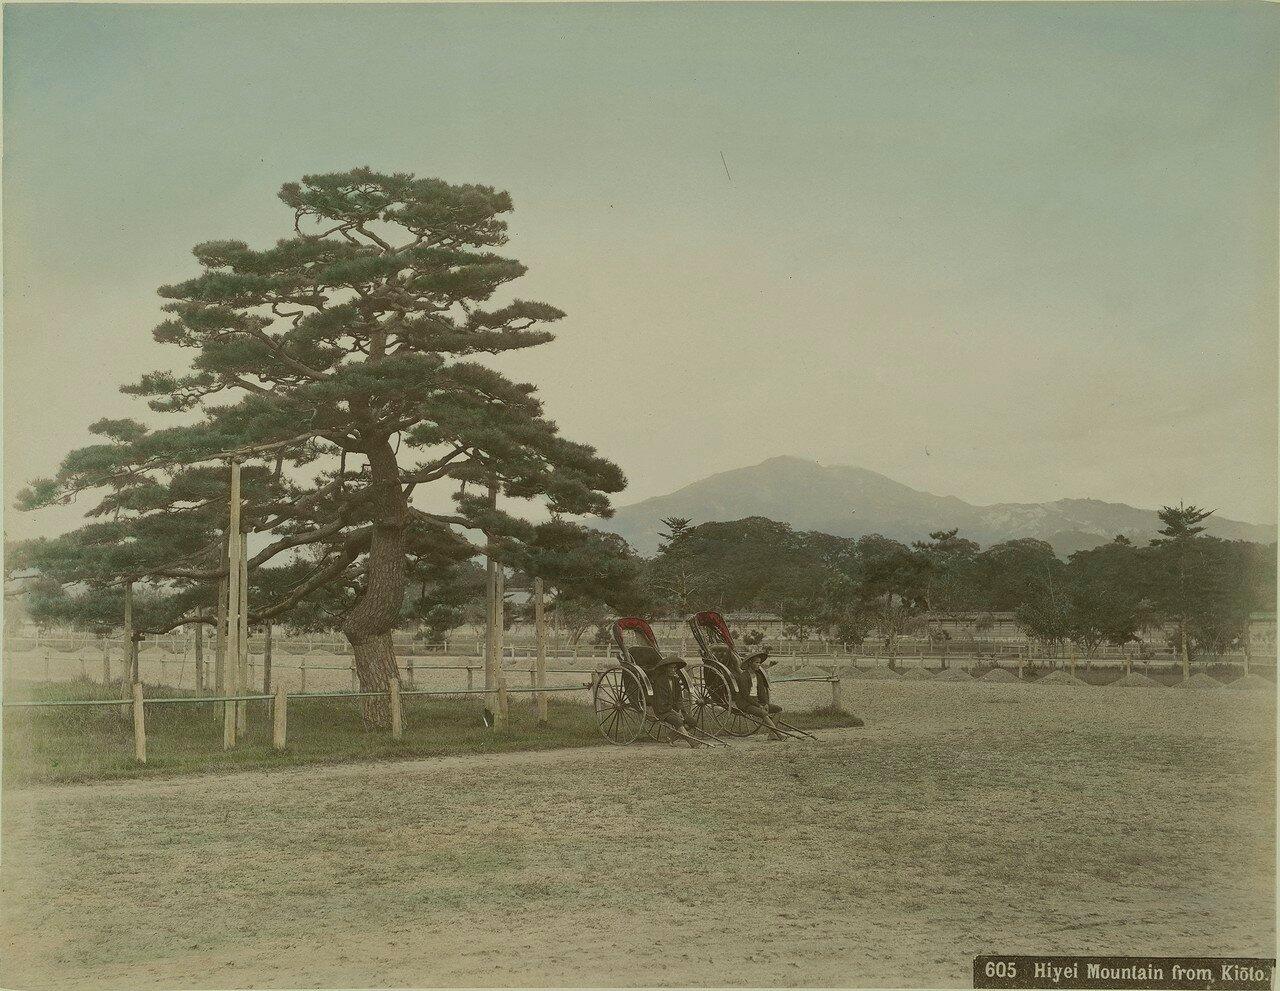 Киото. Вид на гору Хиэй